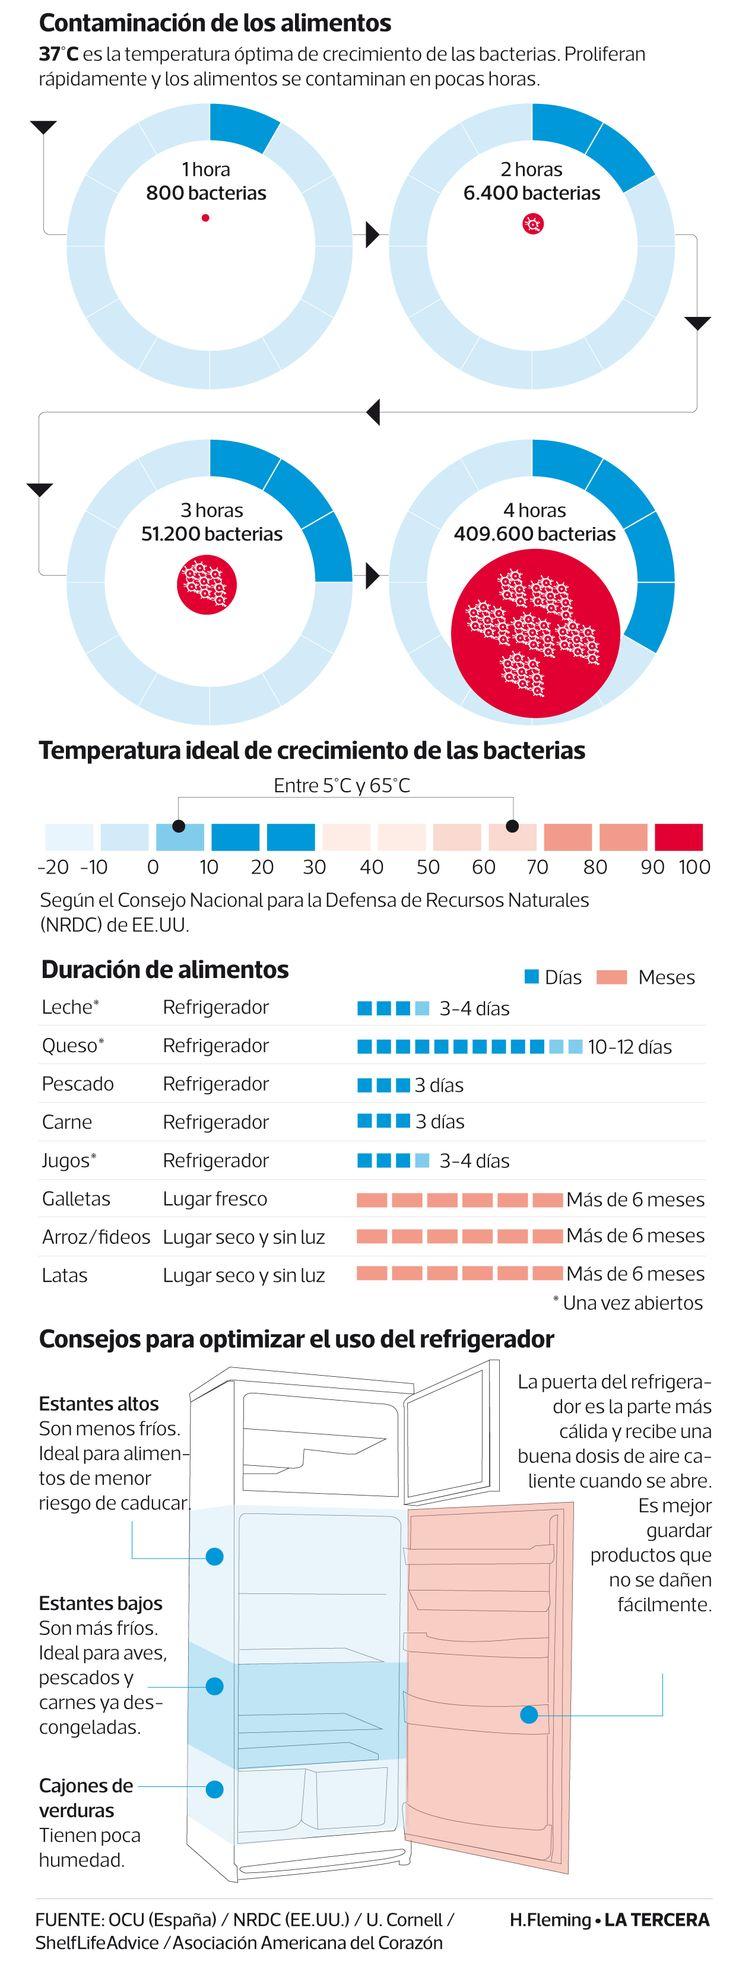 Ley española abre debate en Chile sobre fecha de duración de los alimentos | Tendencias | LA TERCERA